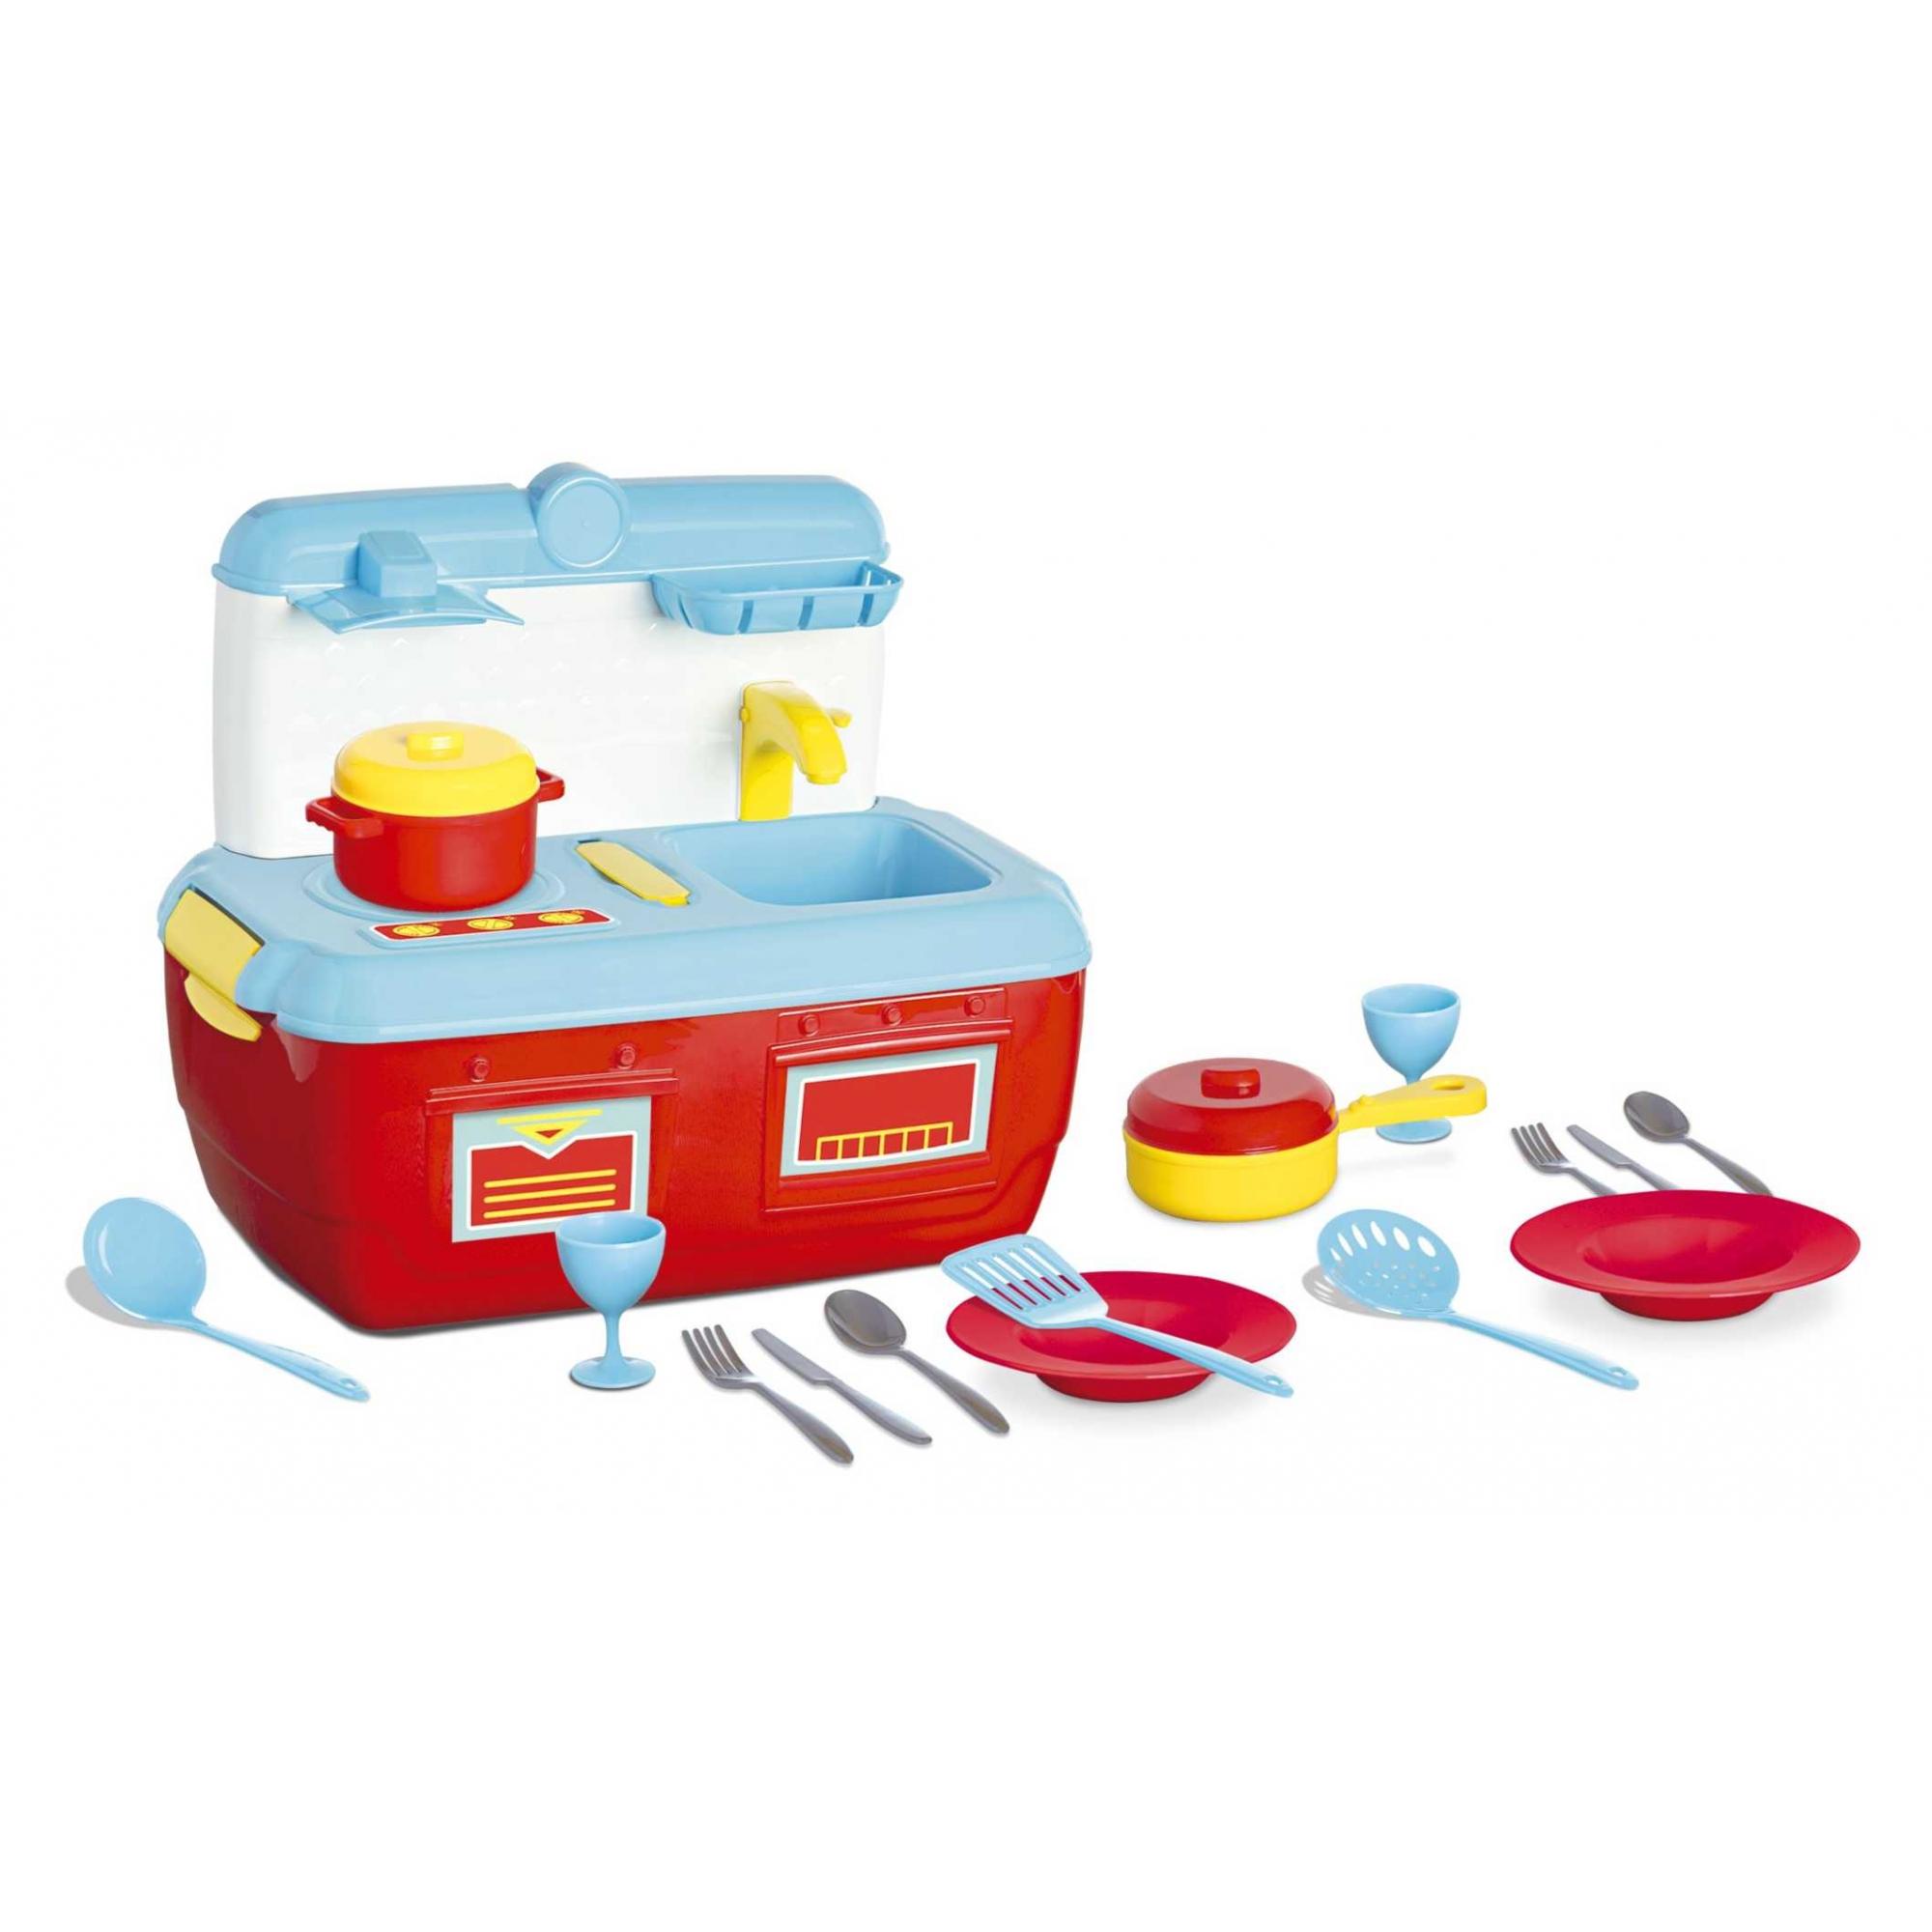 Fashion Kitchen - Maleta Conjunto Cozinha - Roma Brinquedos